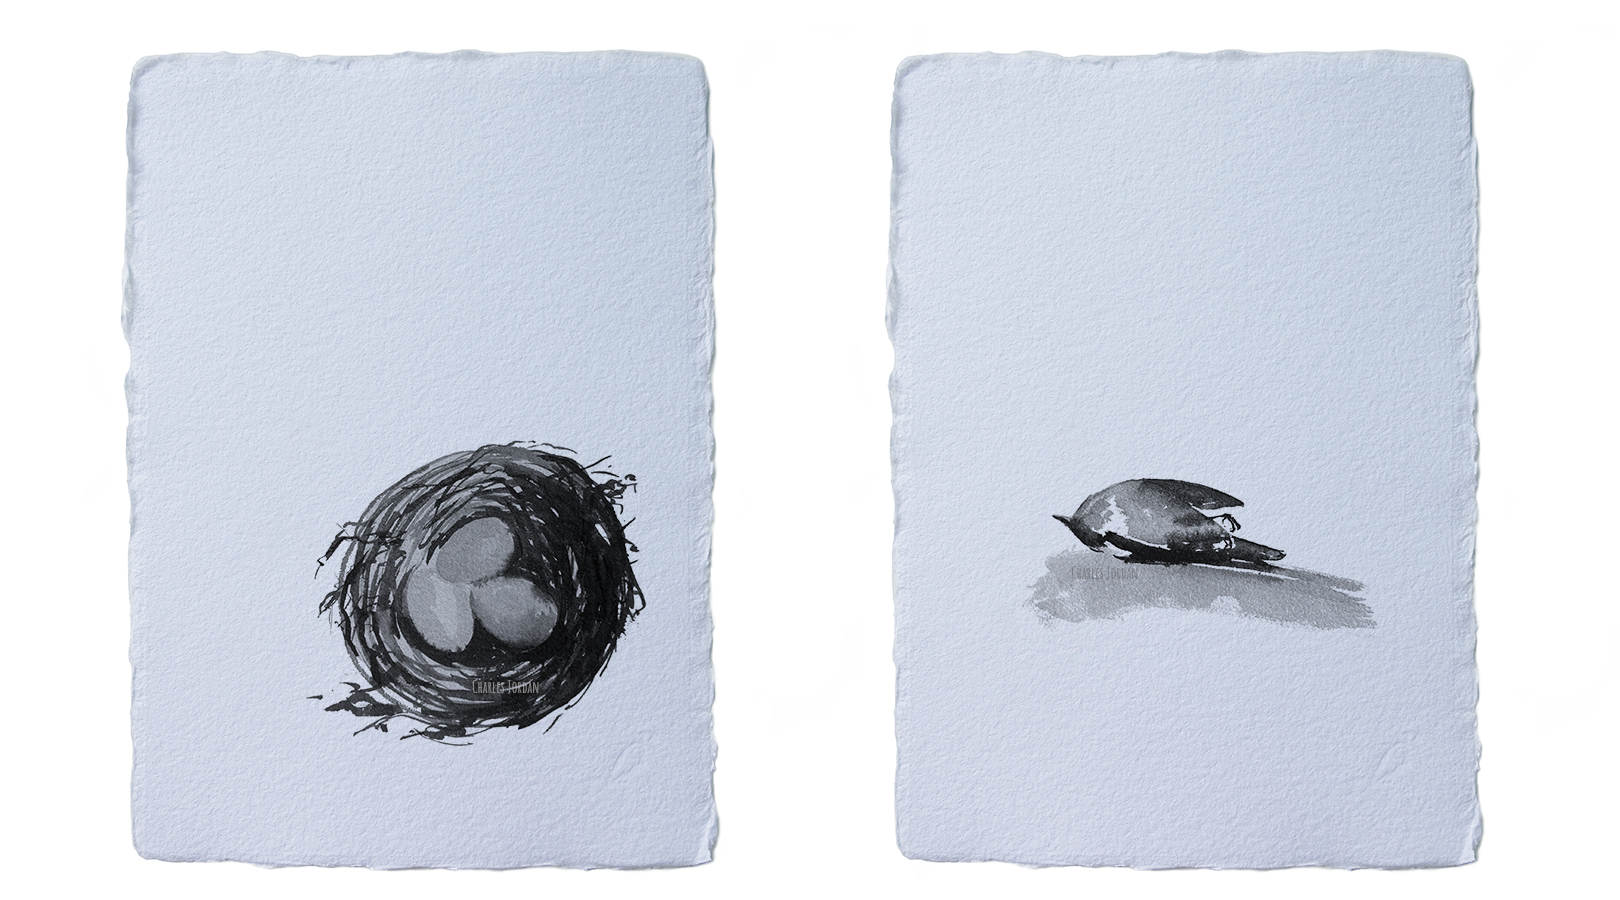 un par de las ilustraciones originales para el proyecto